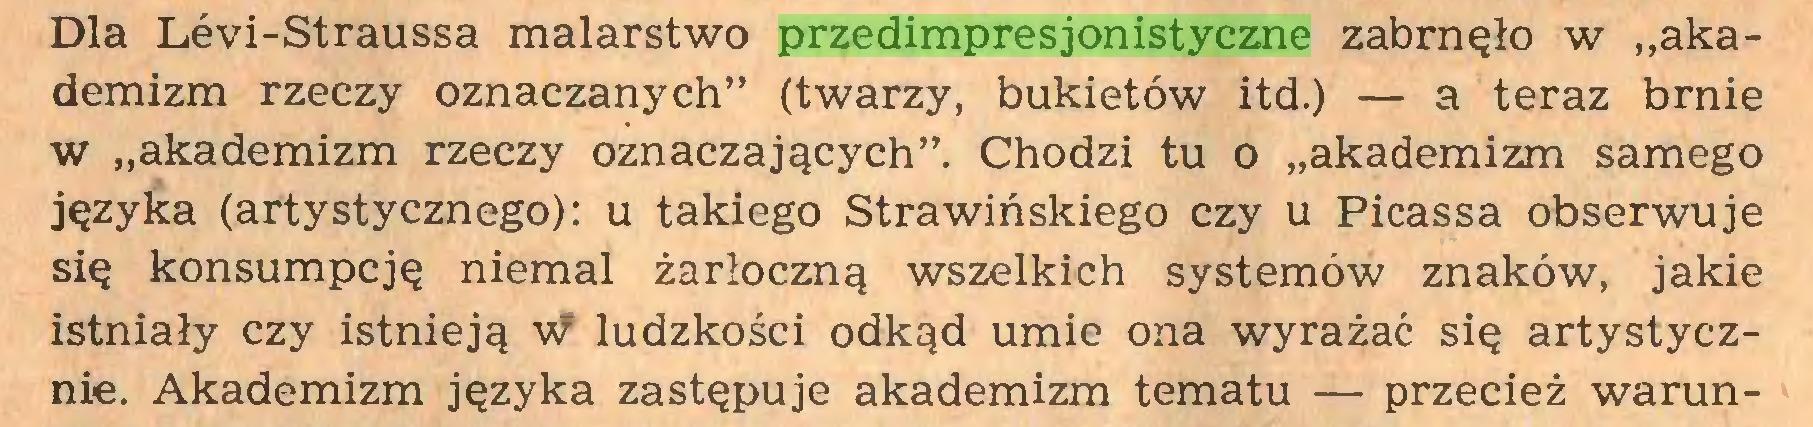 """(...) Dla Lévi-Straussa malarstwo przedimpresjonistyczne zabrnęło w """"akademizm rzeczy oznaczanych"""" (twarzy, bukietów itd.) — a teraz brnie w """"akademizm rzeczy oznaczających"""". Chodzi tu o """"akademizm samego języka (artystycznego): u takiego Strawińskiego czy u Picassa obserwuje się konsumpcję niemal żarłoczną wszelkich systemów znaków, jakie istniały czy istnieją w ludzkości odkąd umie ona wyrażać się artystycznie. Akademizm języka zastępuje akademizm tematu — przecież warun..."""